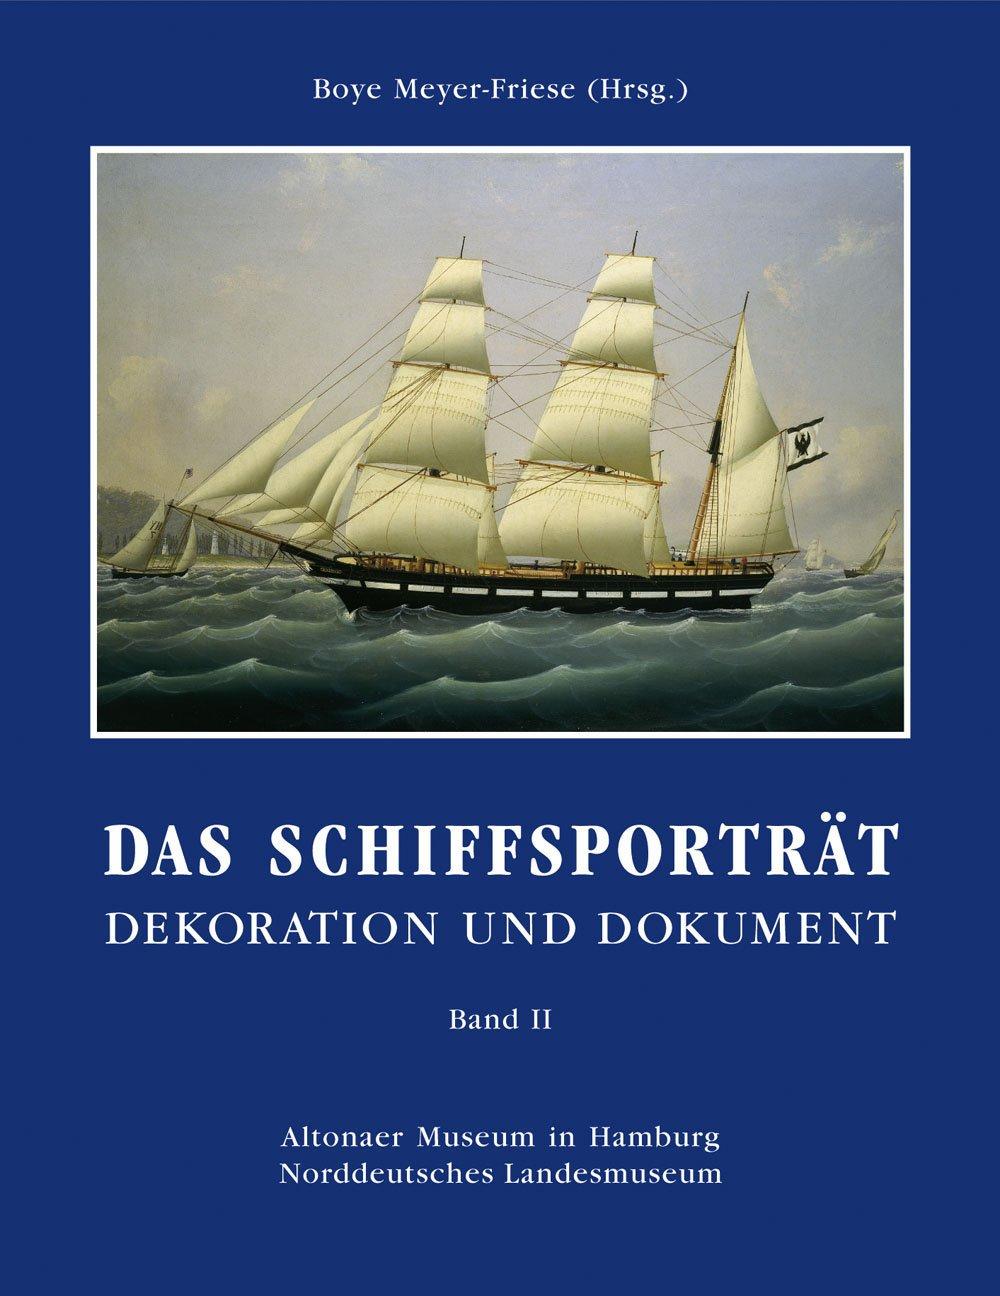 Das Schiffsporträt - Band II: Dekoration und Dokument in drei Bänden